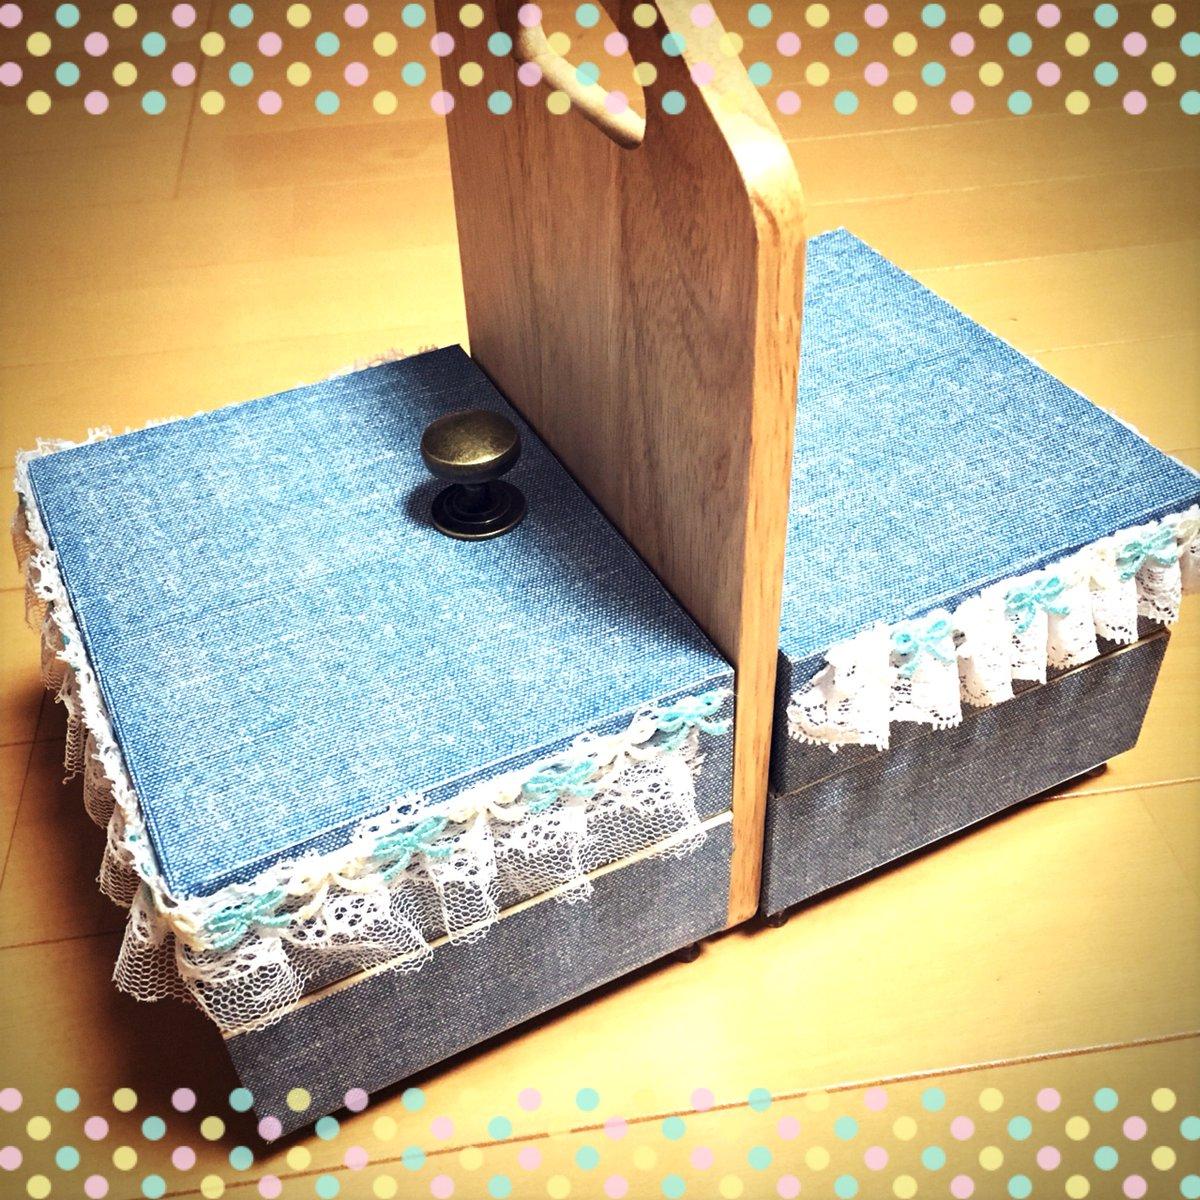 test ツイッターメディア - コットンタイムを見て私もほしくてDIYしてみました! 両開きの裁縫箱。  #コットンタイム #DIY  #セリア https://t.co/3uOVDnPHAA